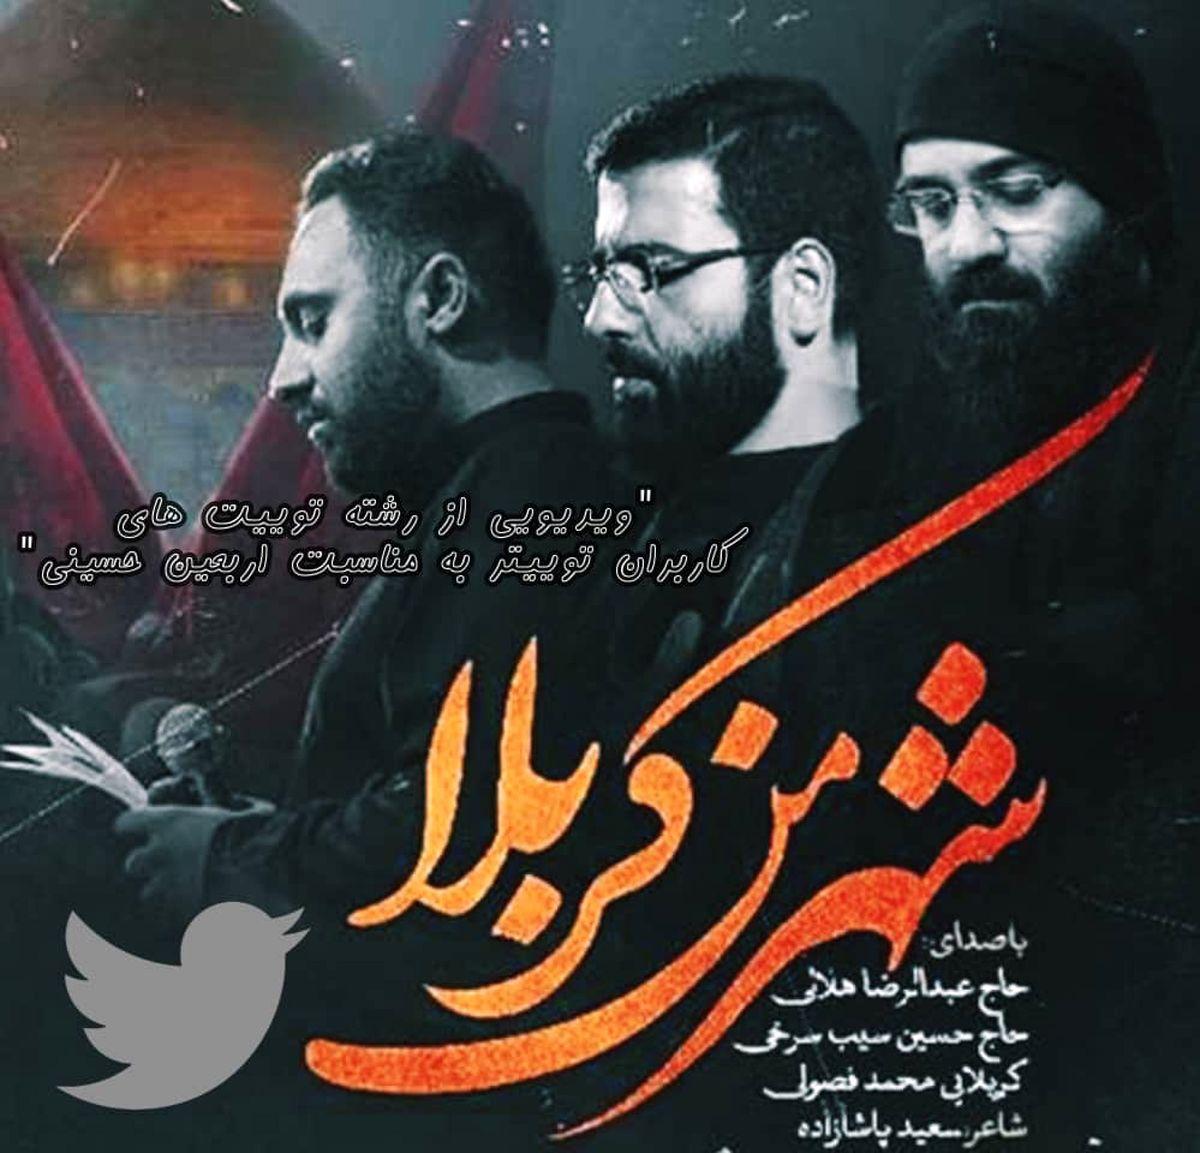 """""""ویدیویی از توییت های کاربران توییتر به مناسبت اربعین حسینی"""""""